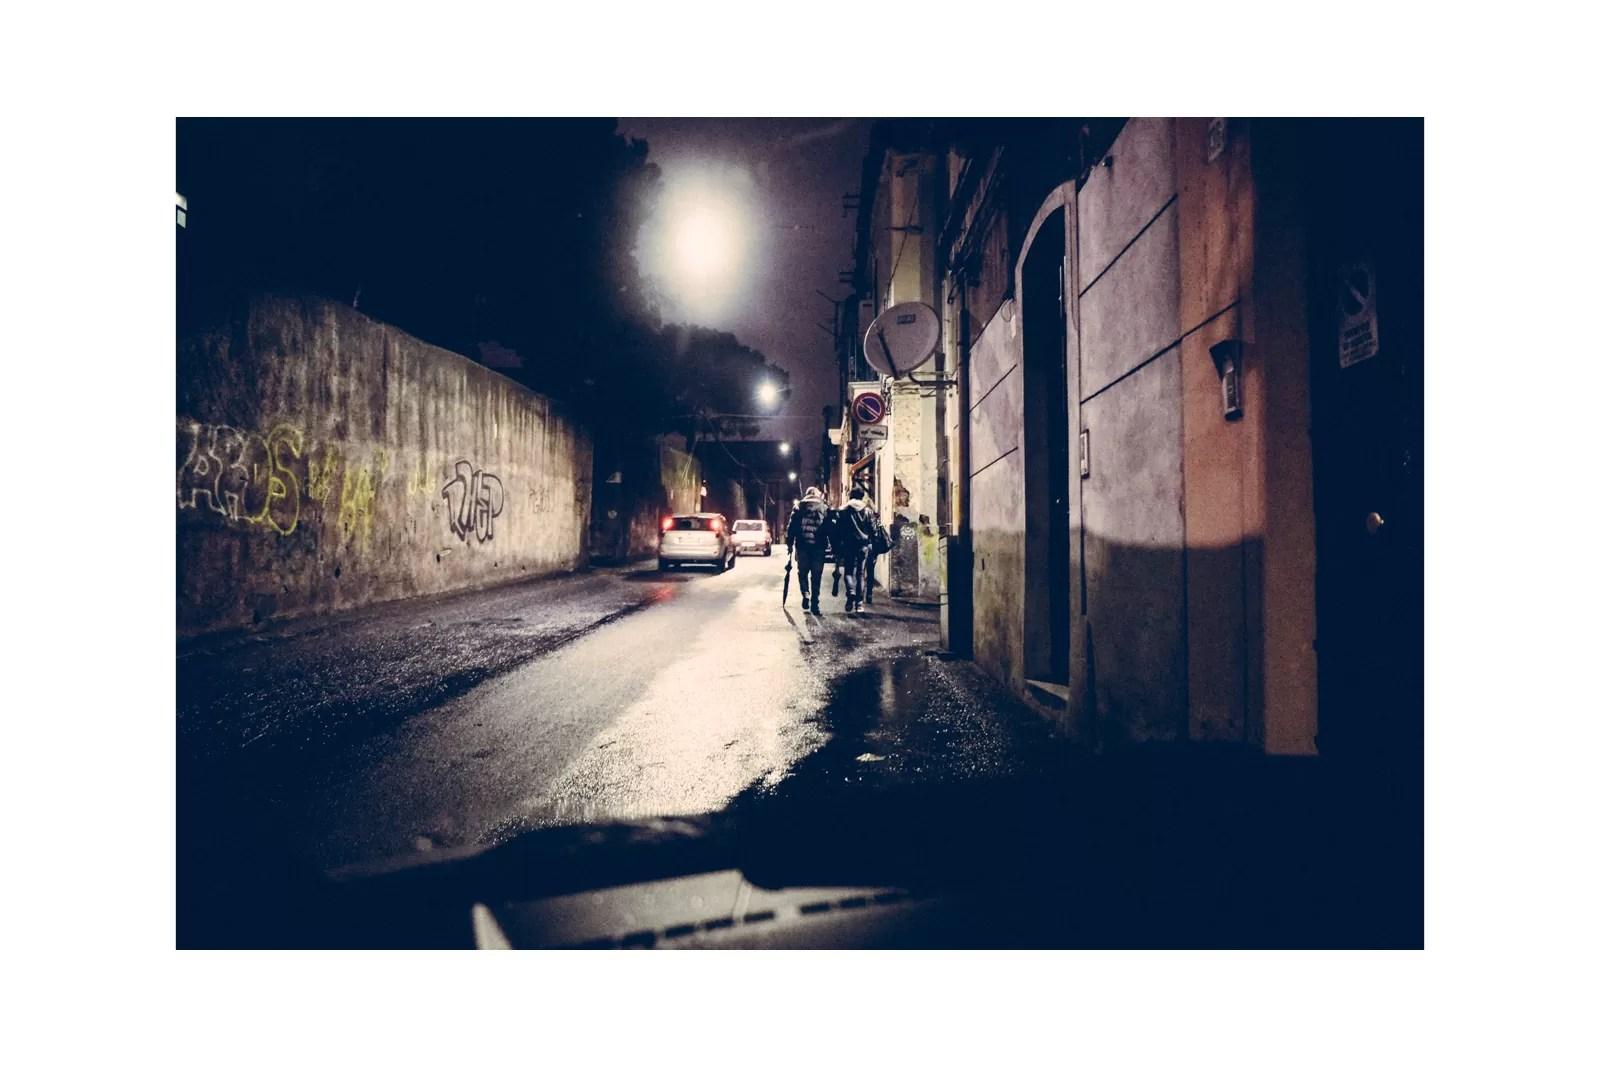 DSCF9173 - Crisi dell'Editing fotografico e la Street Photography - fotostreet.it